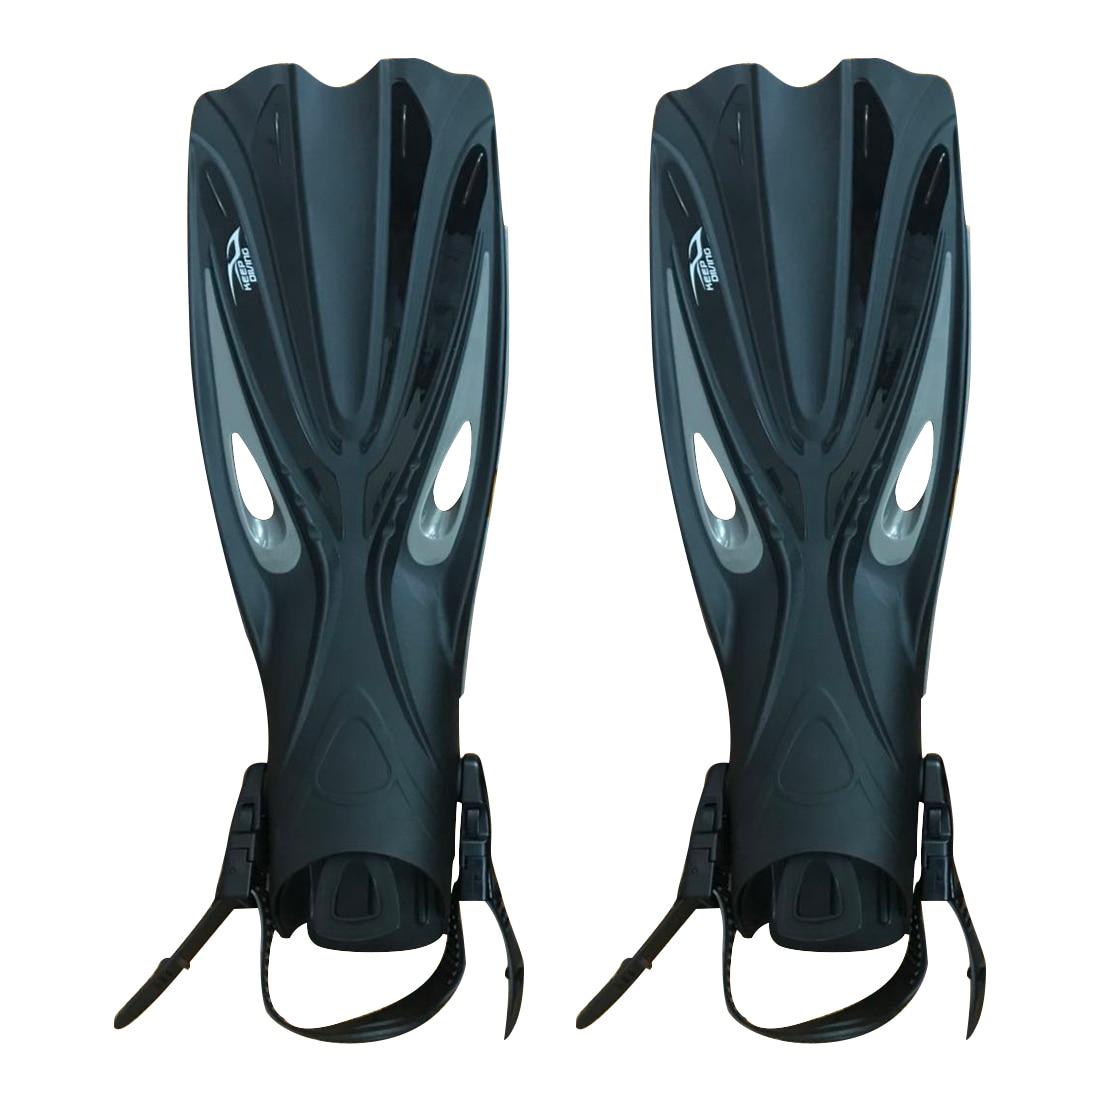 Garder la plongée à talon ouvert plongée sous-marine longues palmes réglables plongée en apnée nageoires spéciales pour les bottes de plongée chaussures